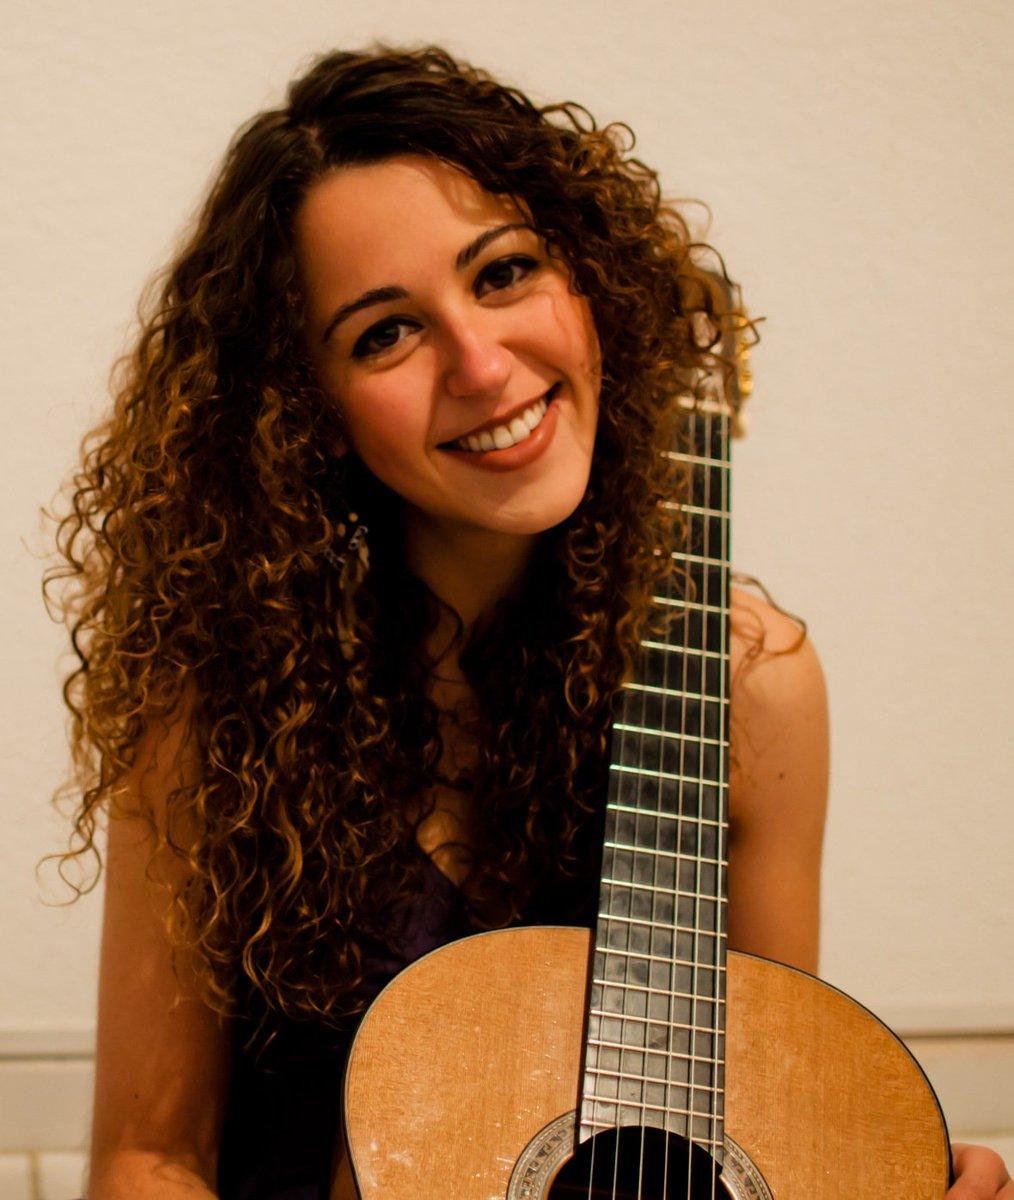 07-05-2016 Presencia de la Facultad de Música. Marina Tomei, guitarra  Sala Carlos Chávez/18:00 horas $80 https://t.co/4CFDBtcX9g